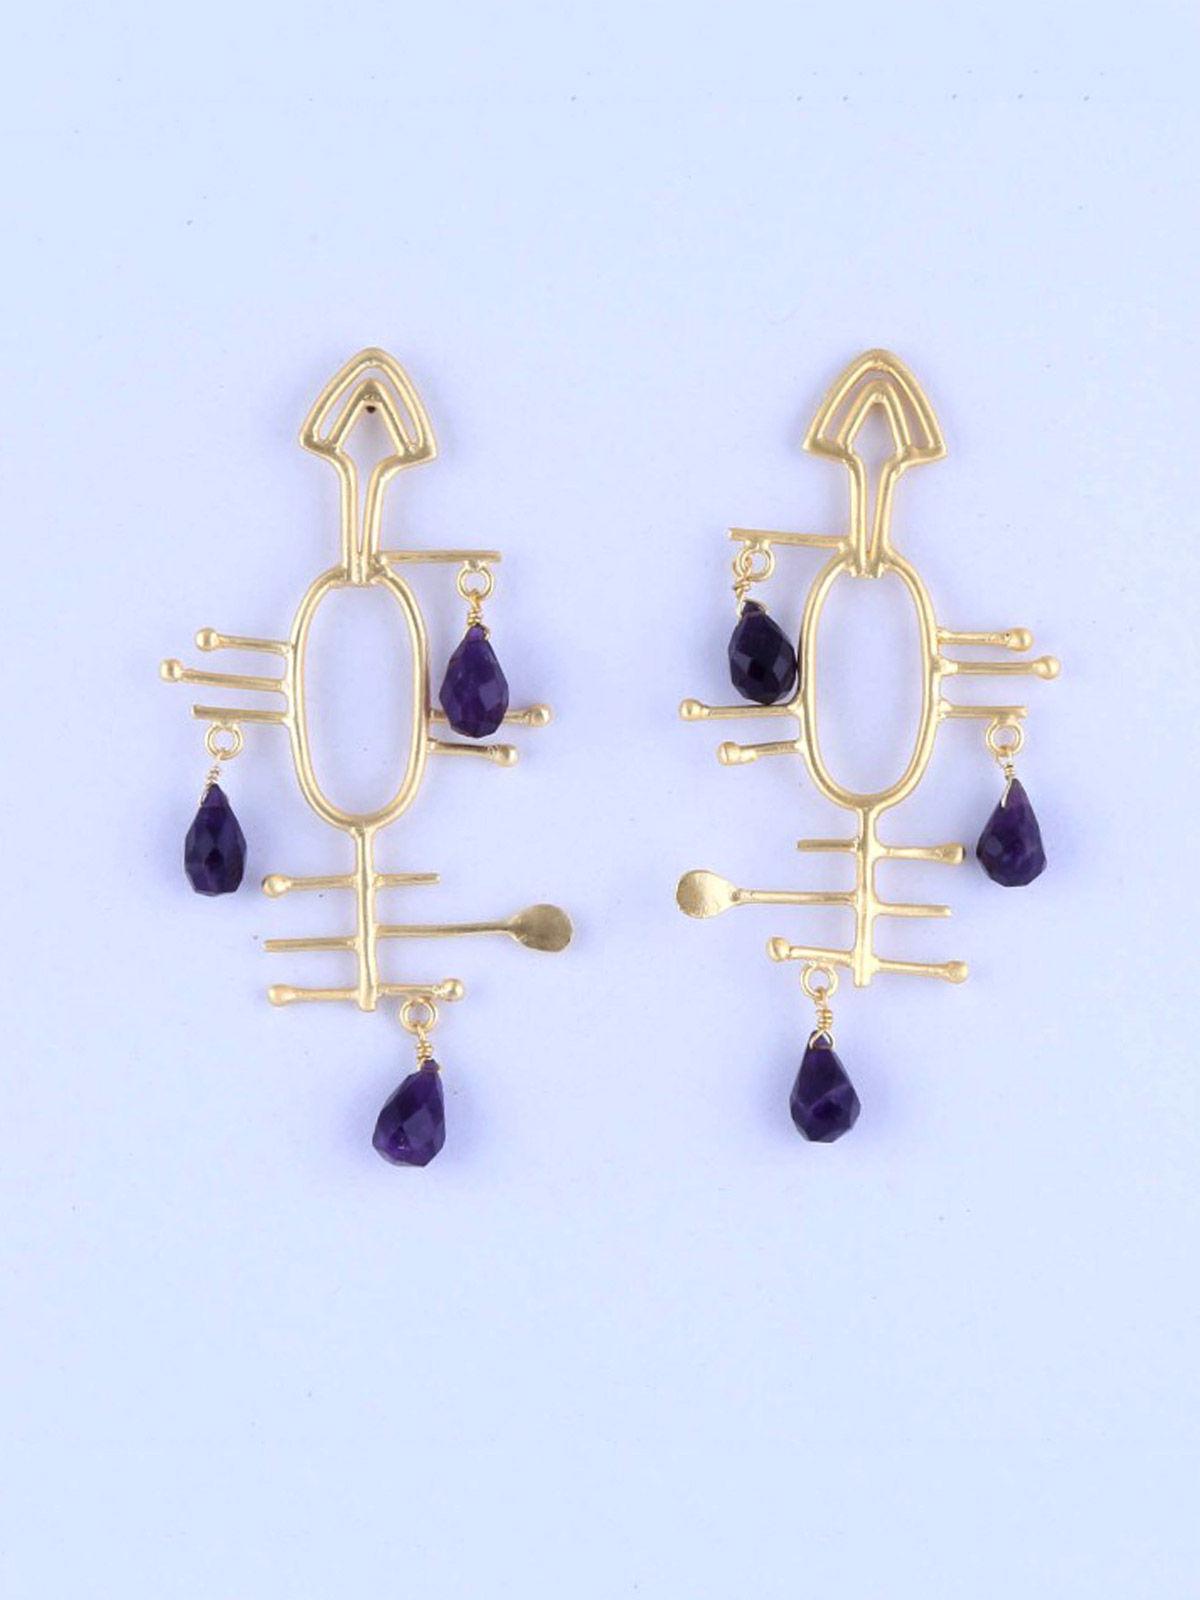 Barkley semi precious metal earrings